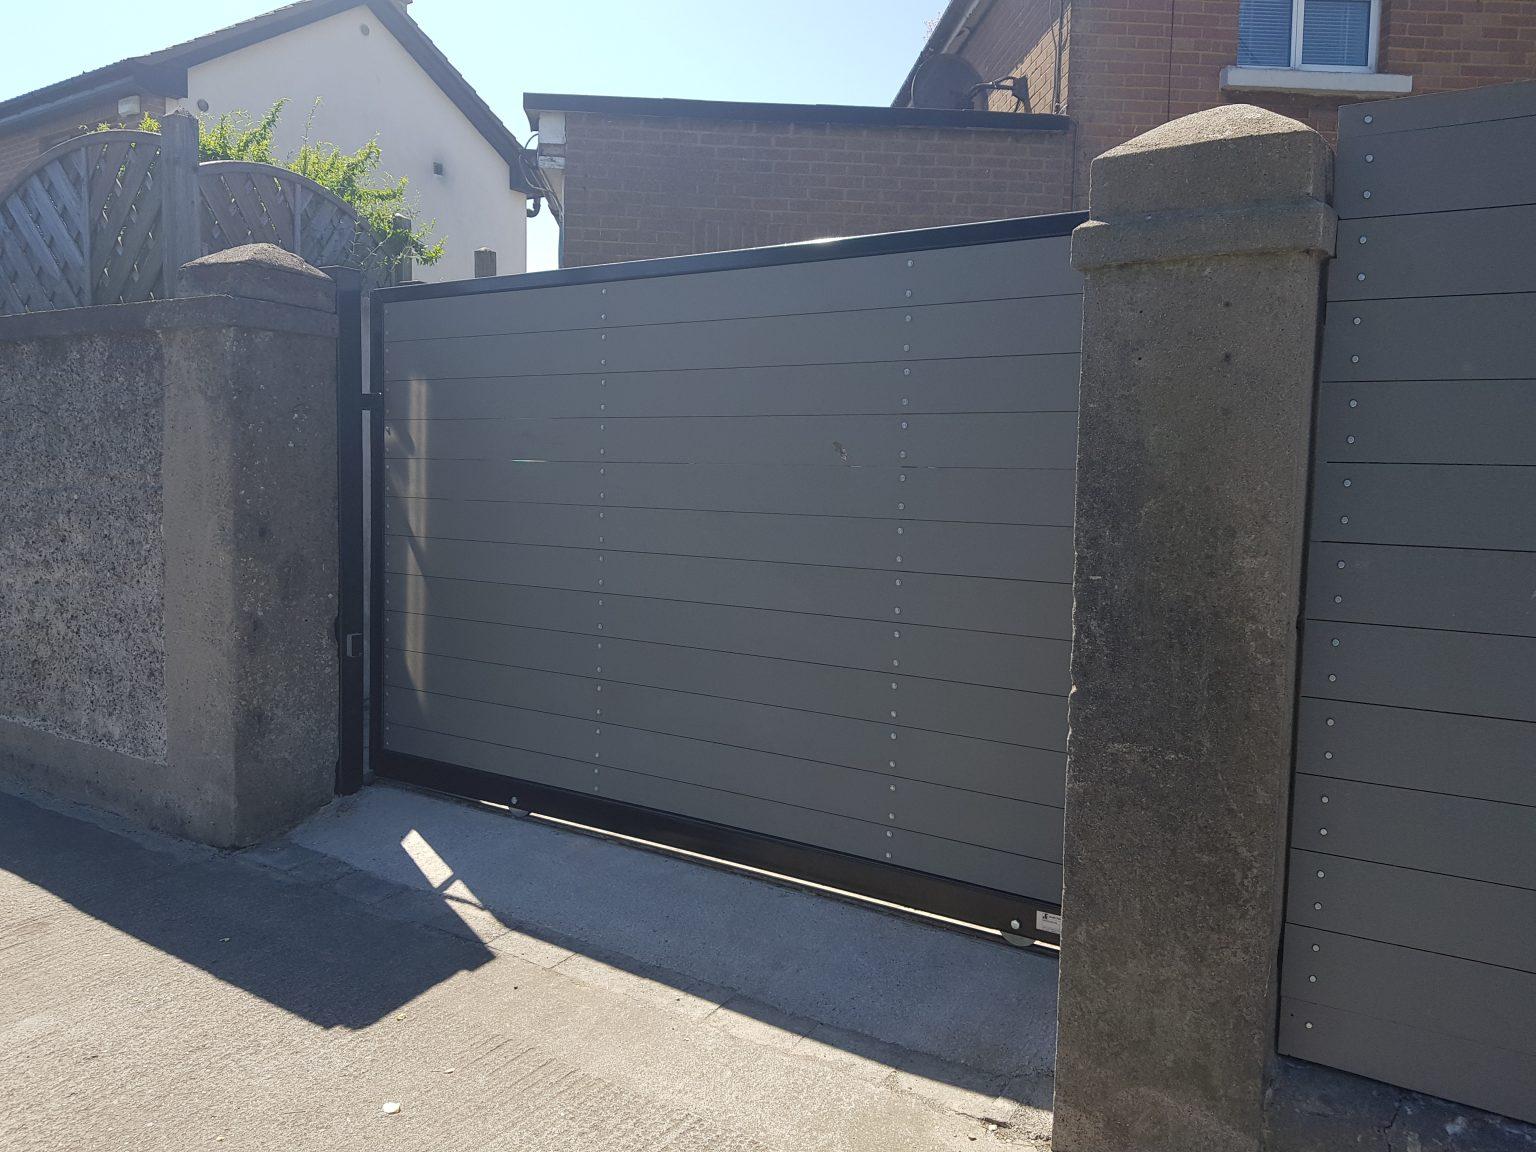 Irish Fencing Composite Fences And Gates (11)